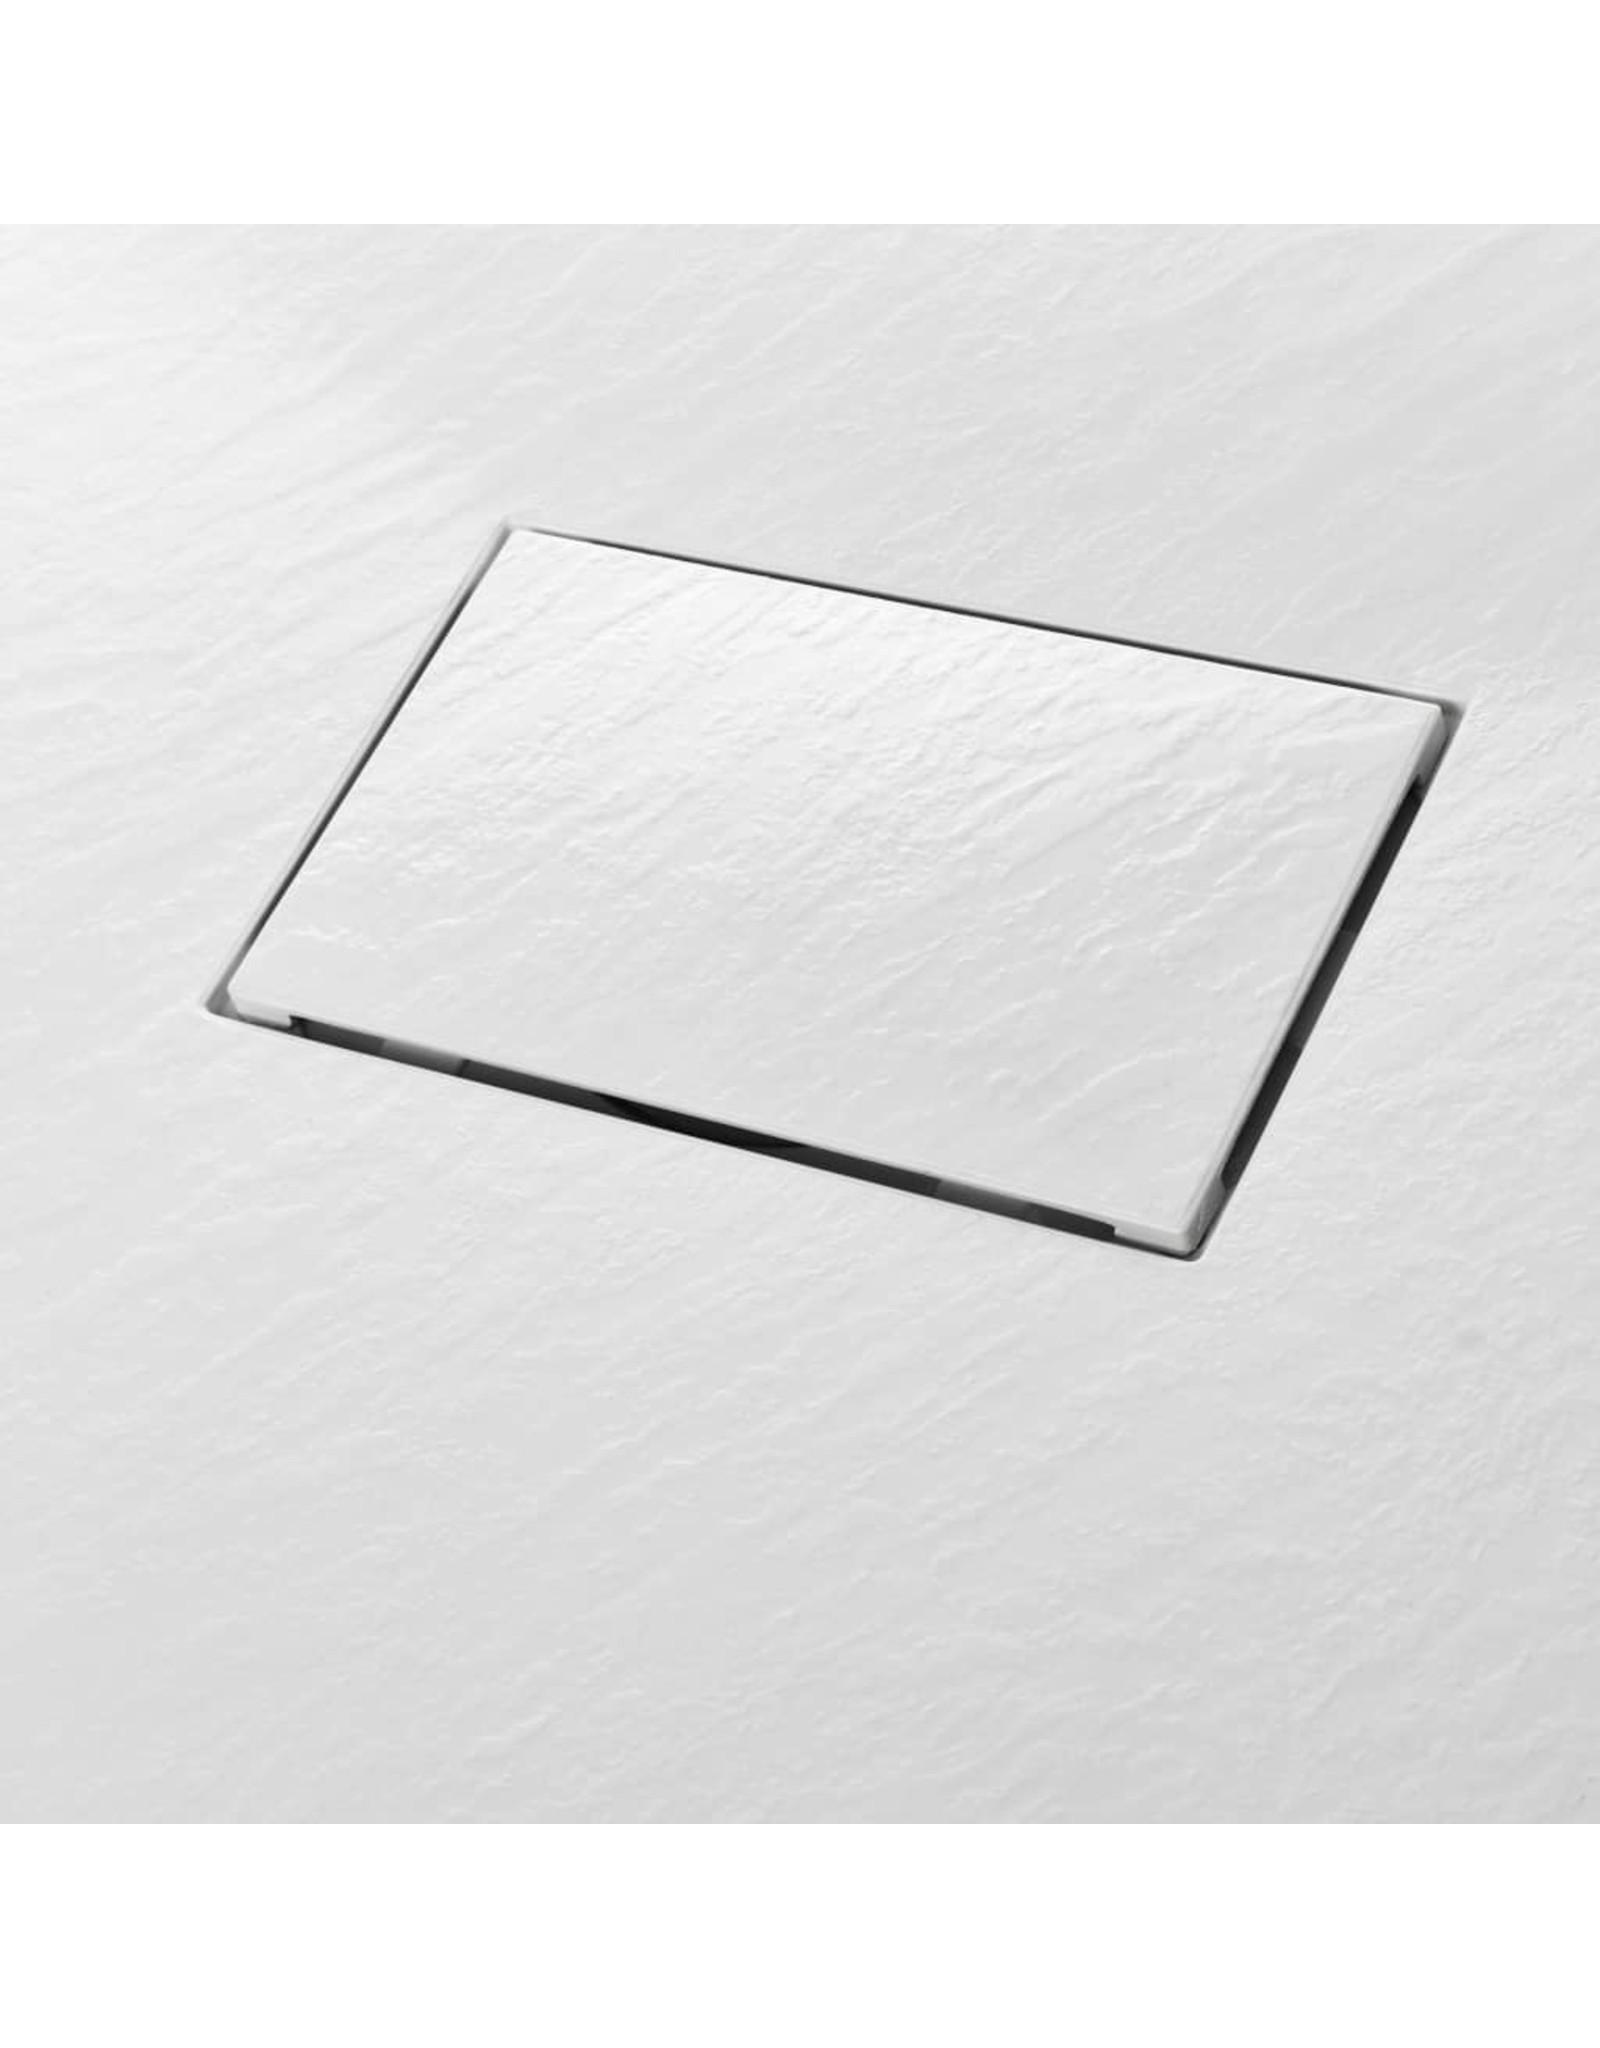 Douchebak 120x70 cm SMC wit